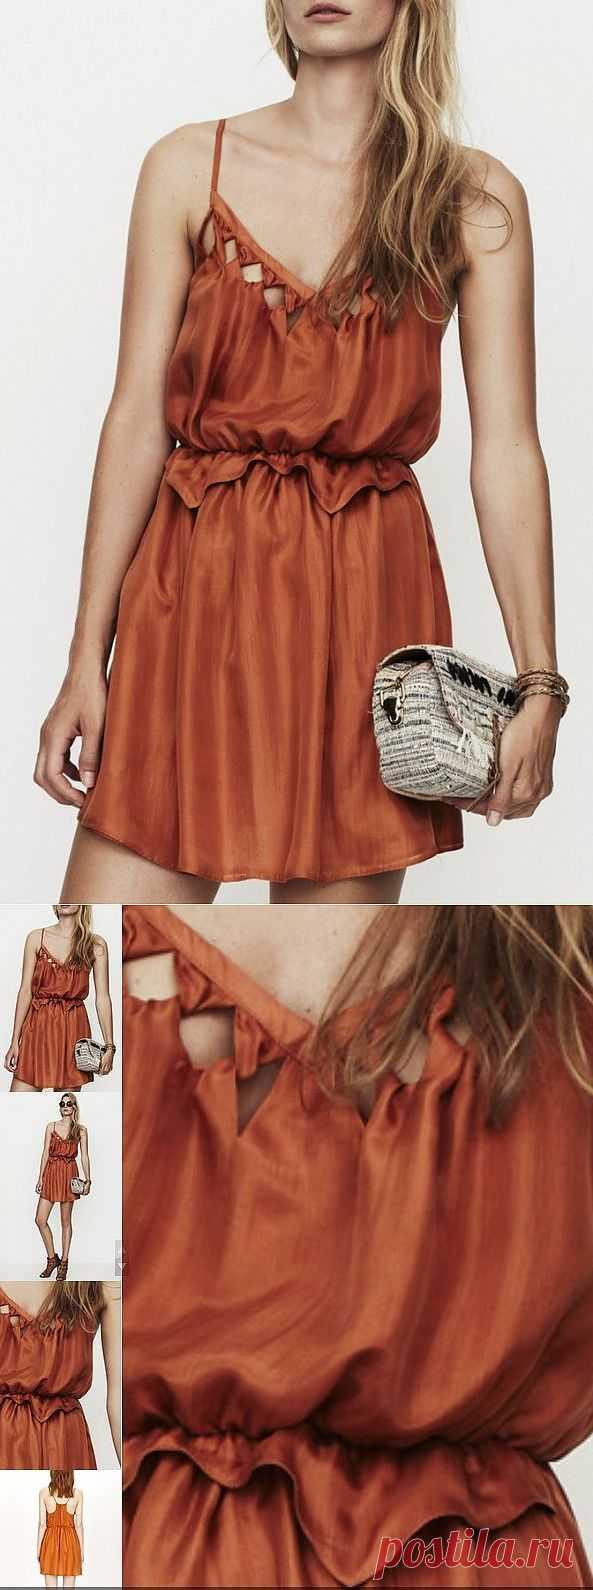 Платье с выкрутасами / Детали / Модный сайт о стильной переделке одежды и интерьера